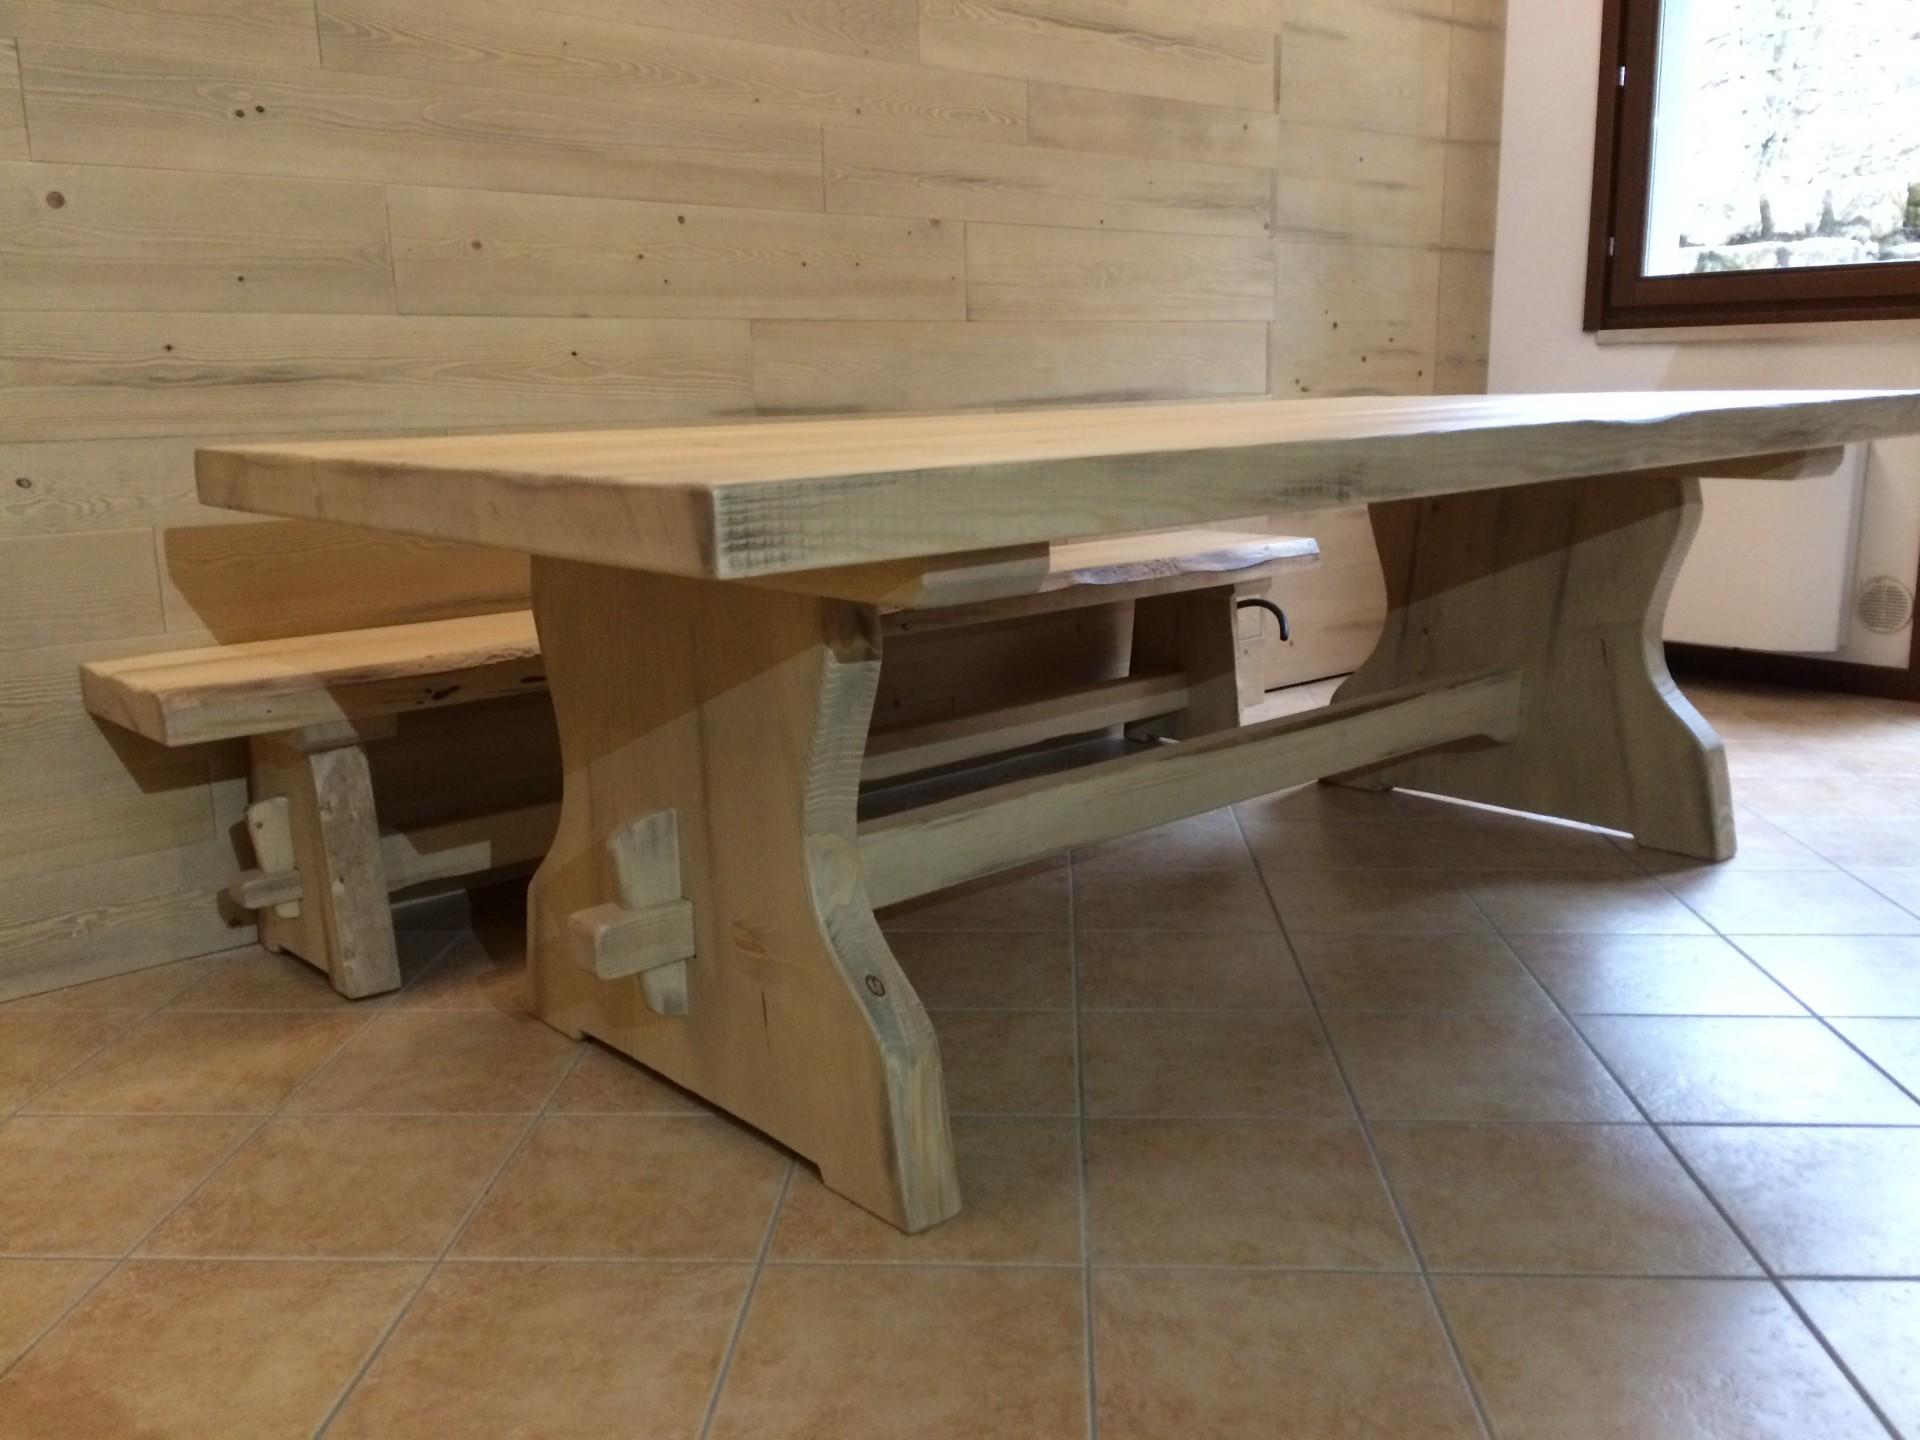 Tavolo In Legno Rustico Moderno.Tavoli In Legno Su Misura Fadini Mobili Cerea Verona